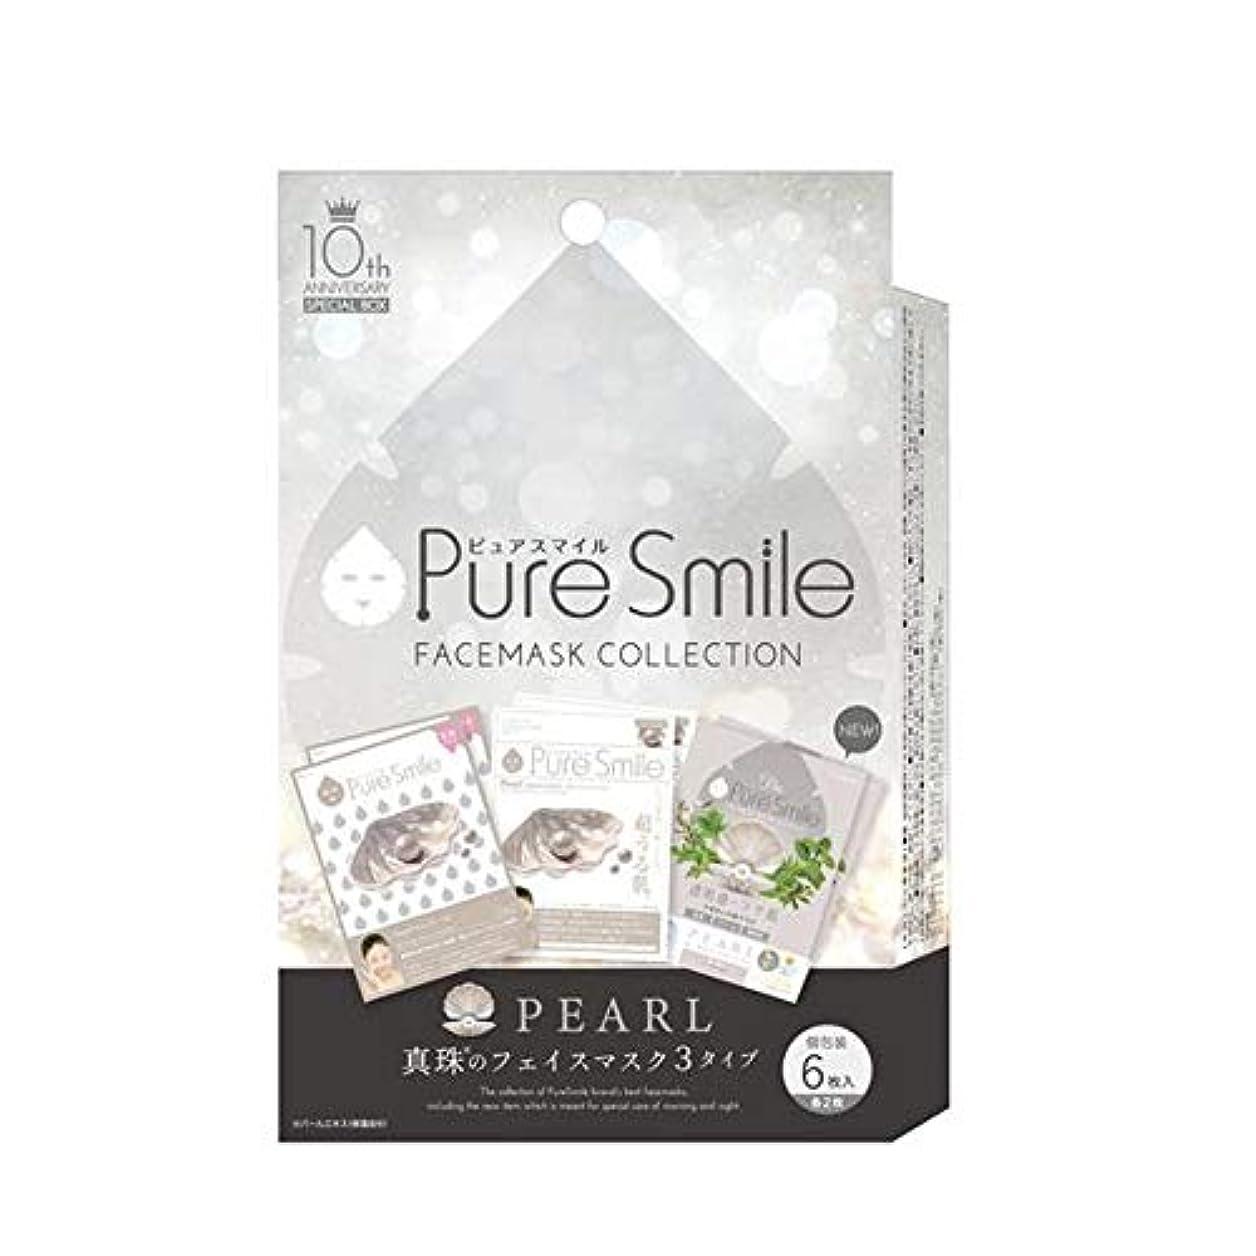 ハンバーガーベイビー驚くばかりピュア スマイル Pure Smile 10thアニバーサリー スペシャルボックス 真珠 6枚入り